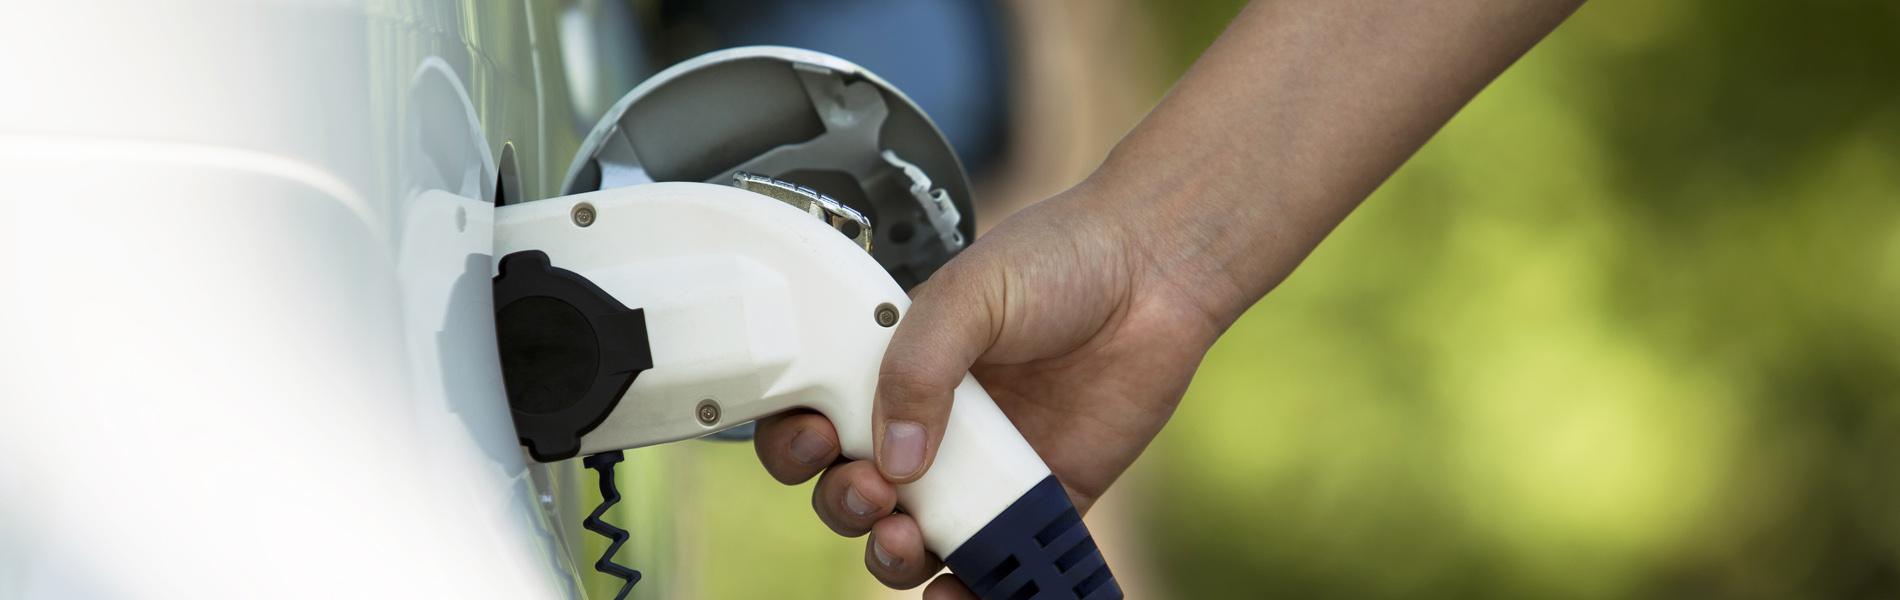 Laadoplossingen voor de elektrische auto